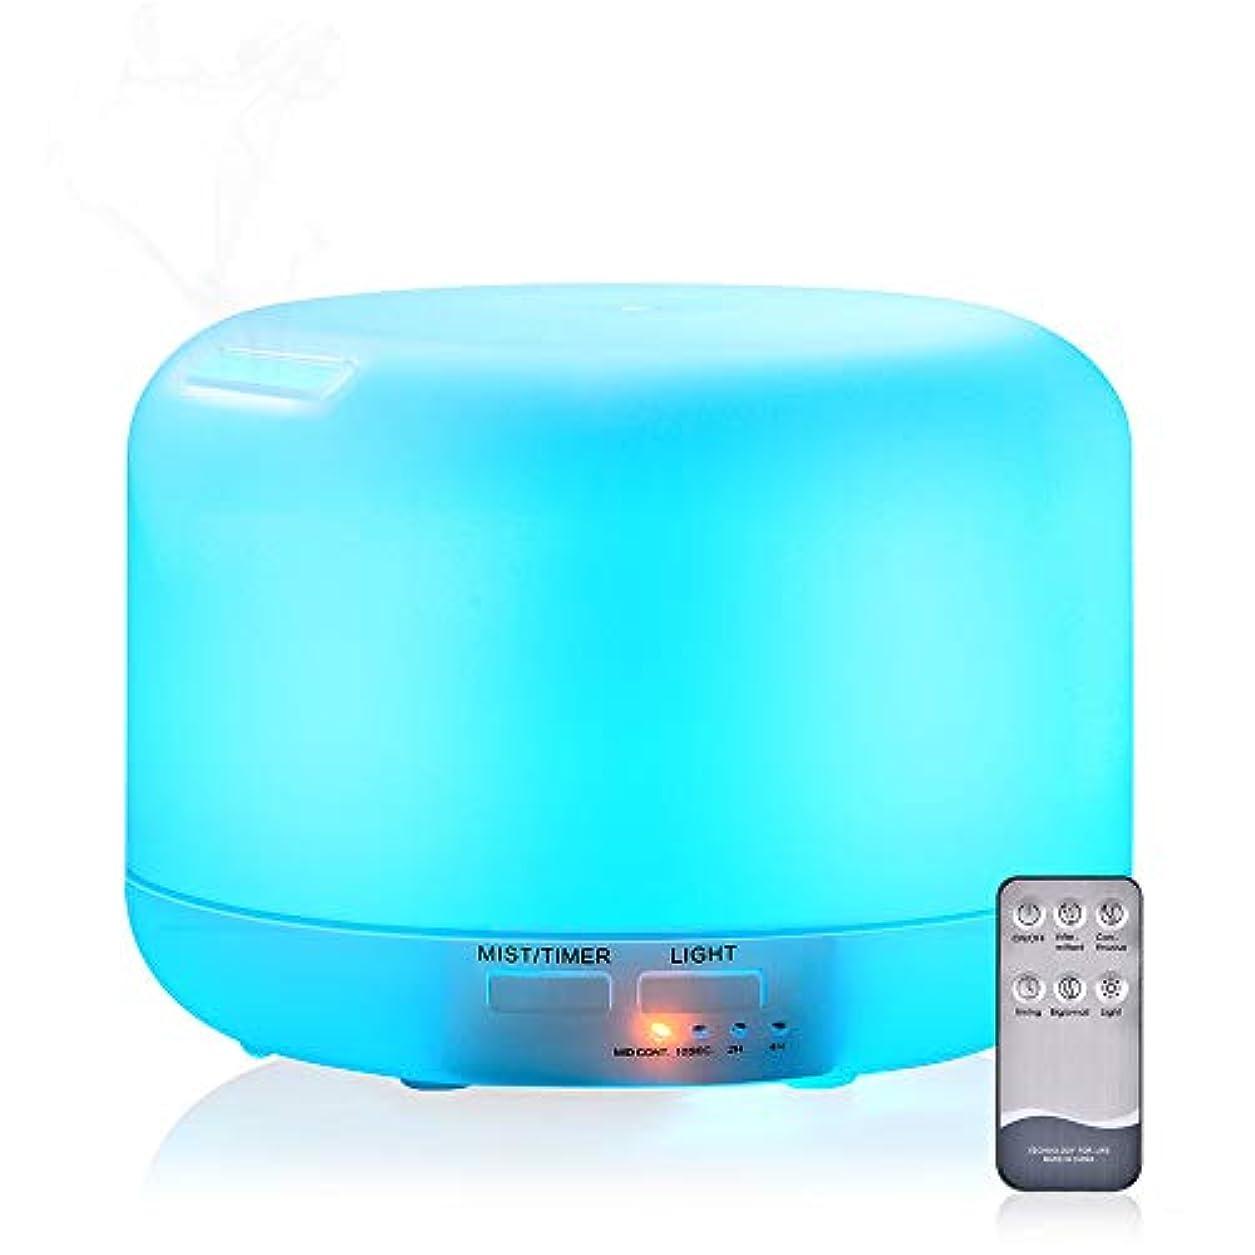 驚いた愛説明500ミリメートルリモコン空気アロマ超音波加湿器カラーLEDライト電気アロマセラピーエッセンシャルオイルディフューザー